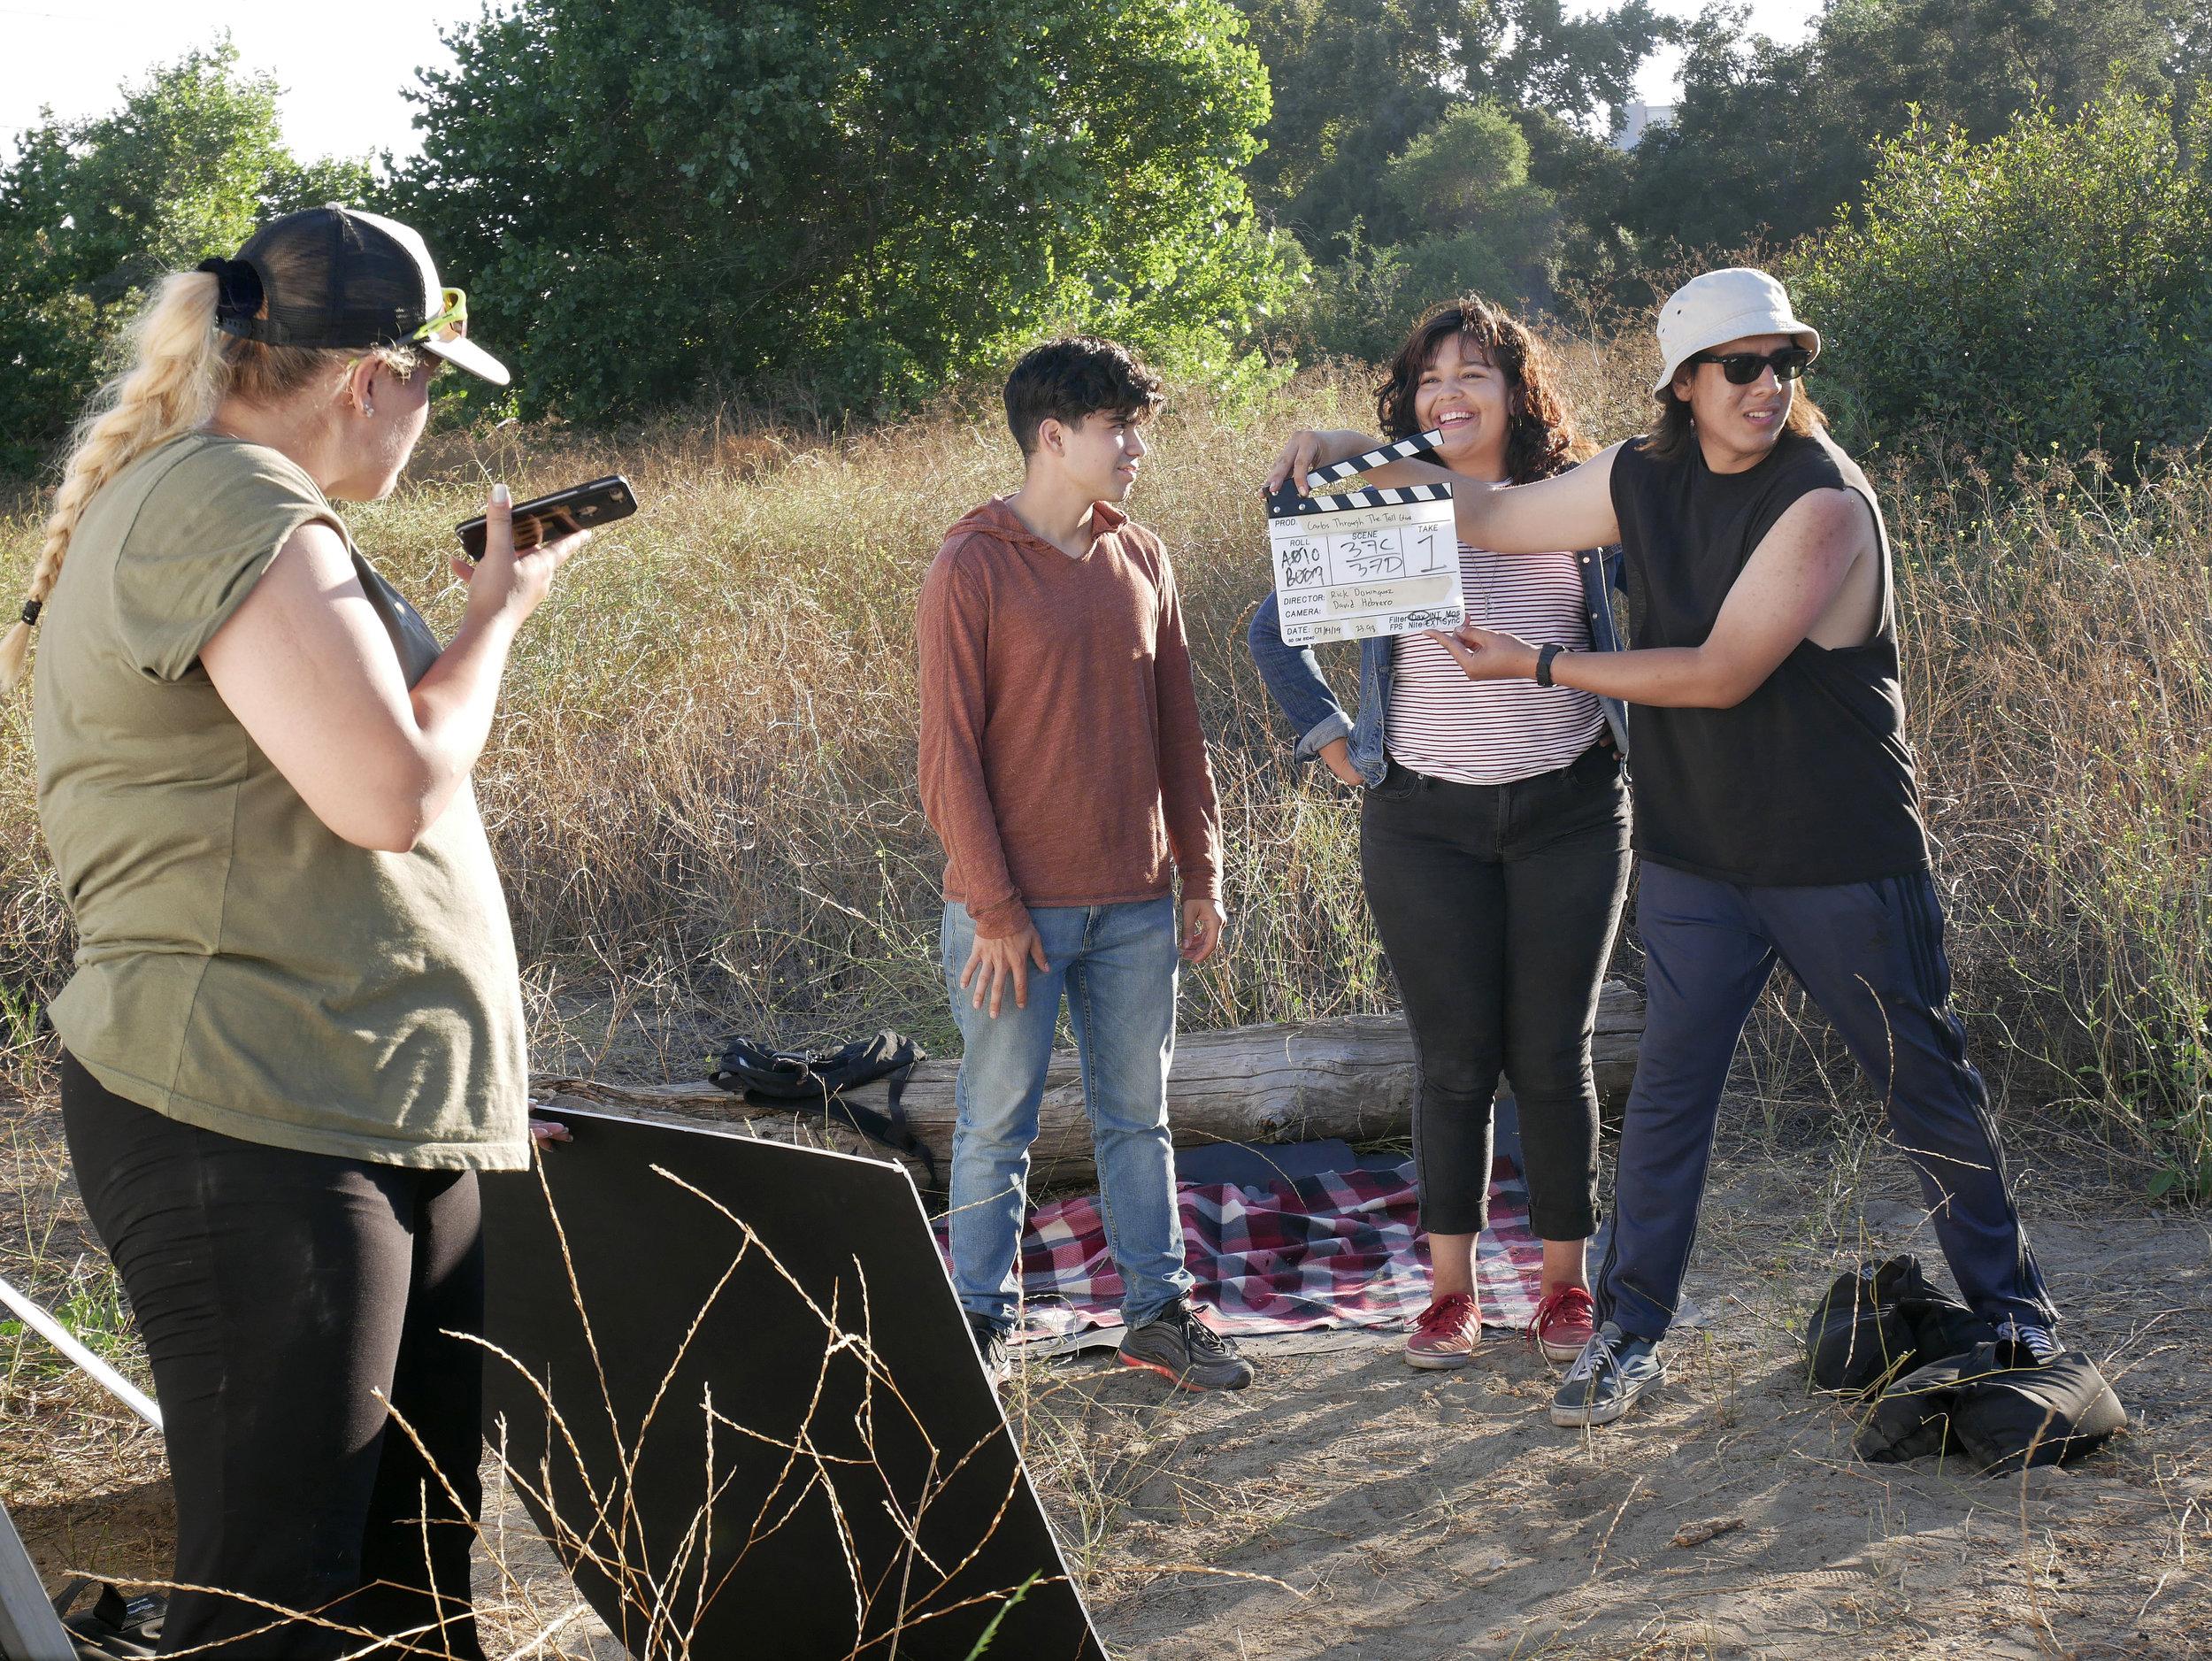 Carlos Through The Tall Grass Film Still Photo.jpg